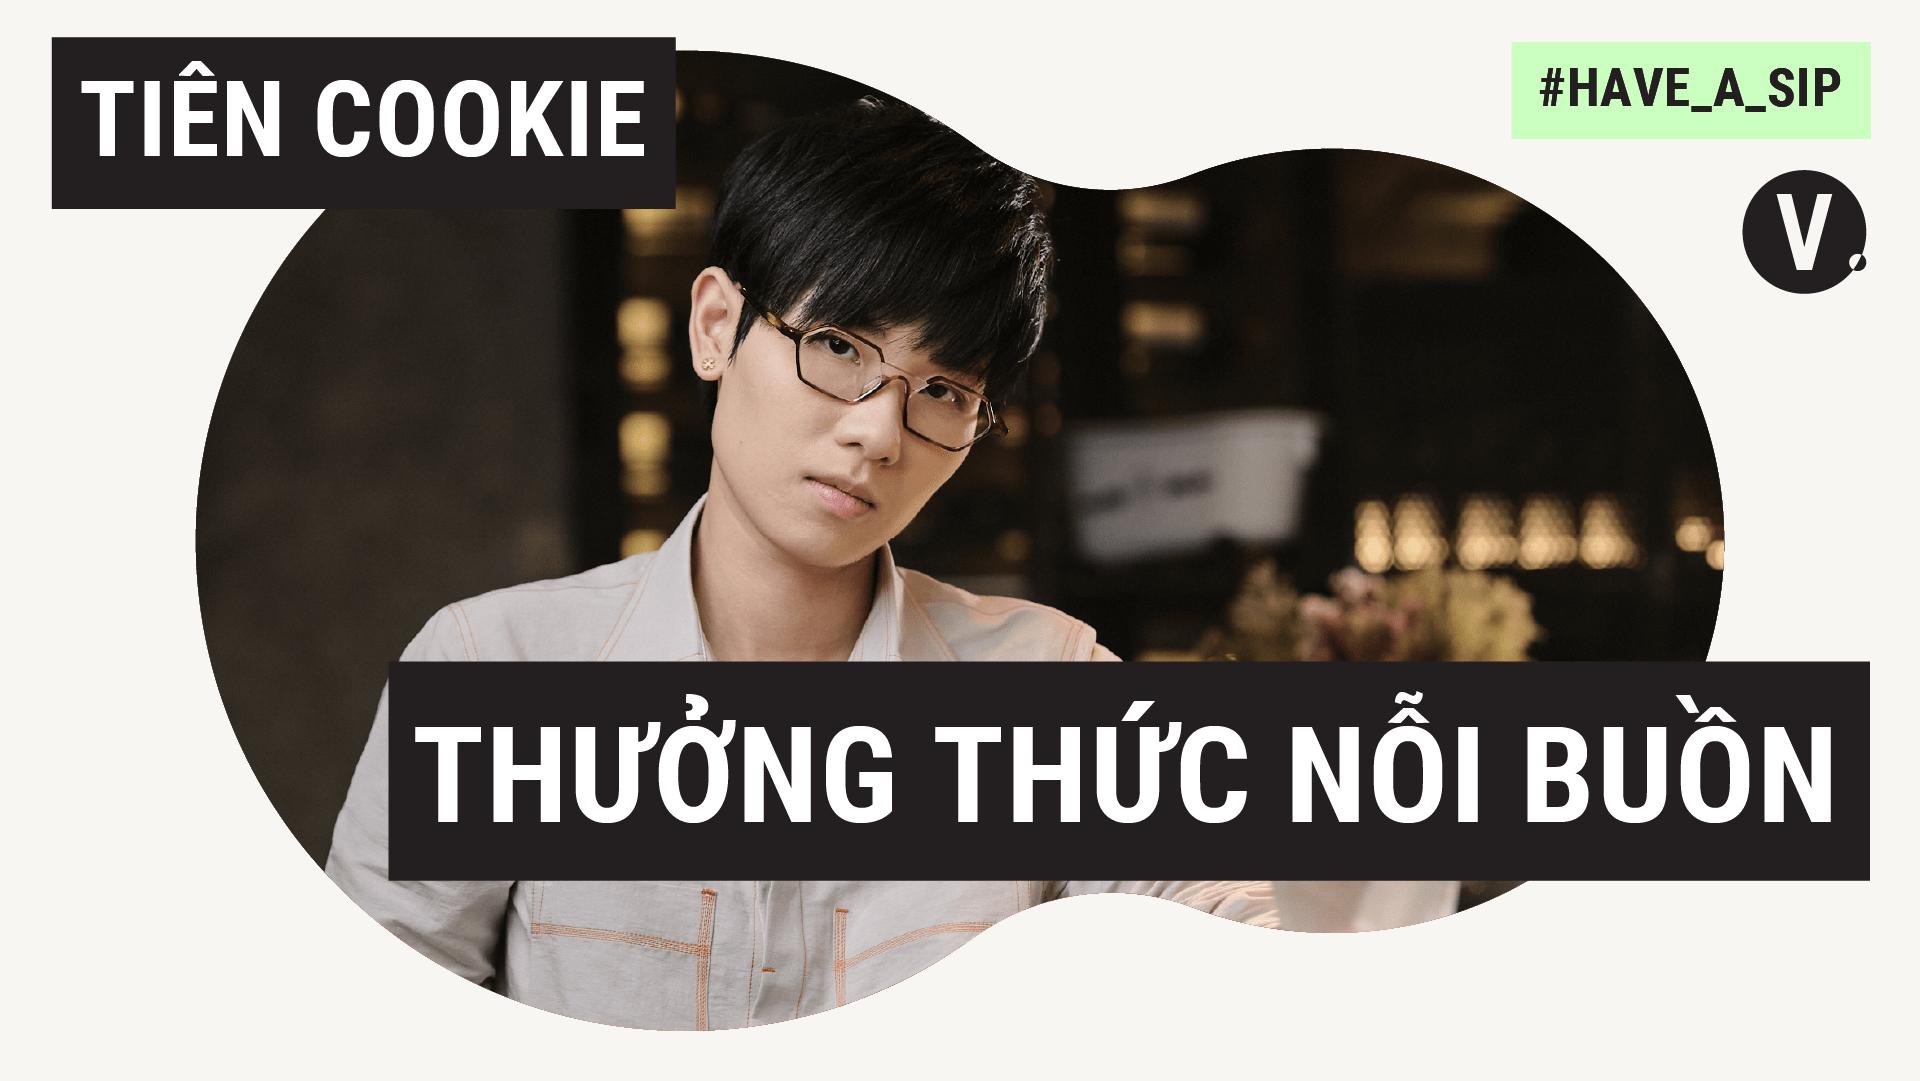 Tiên Cookie: Nỗi buồn còn để thưởng thức